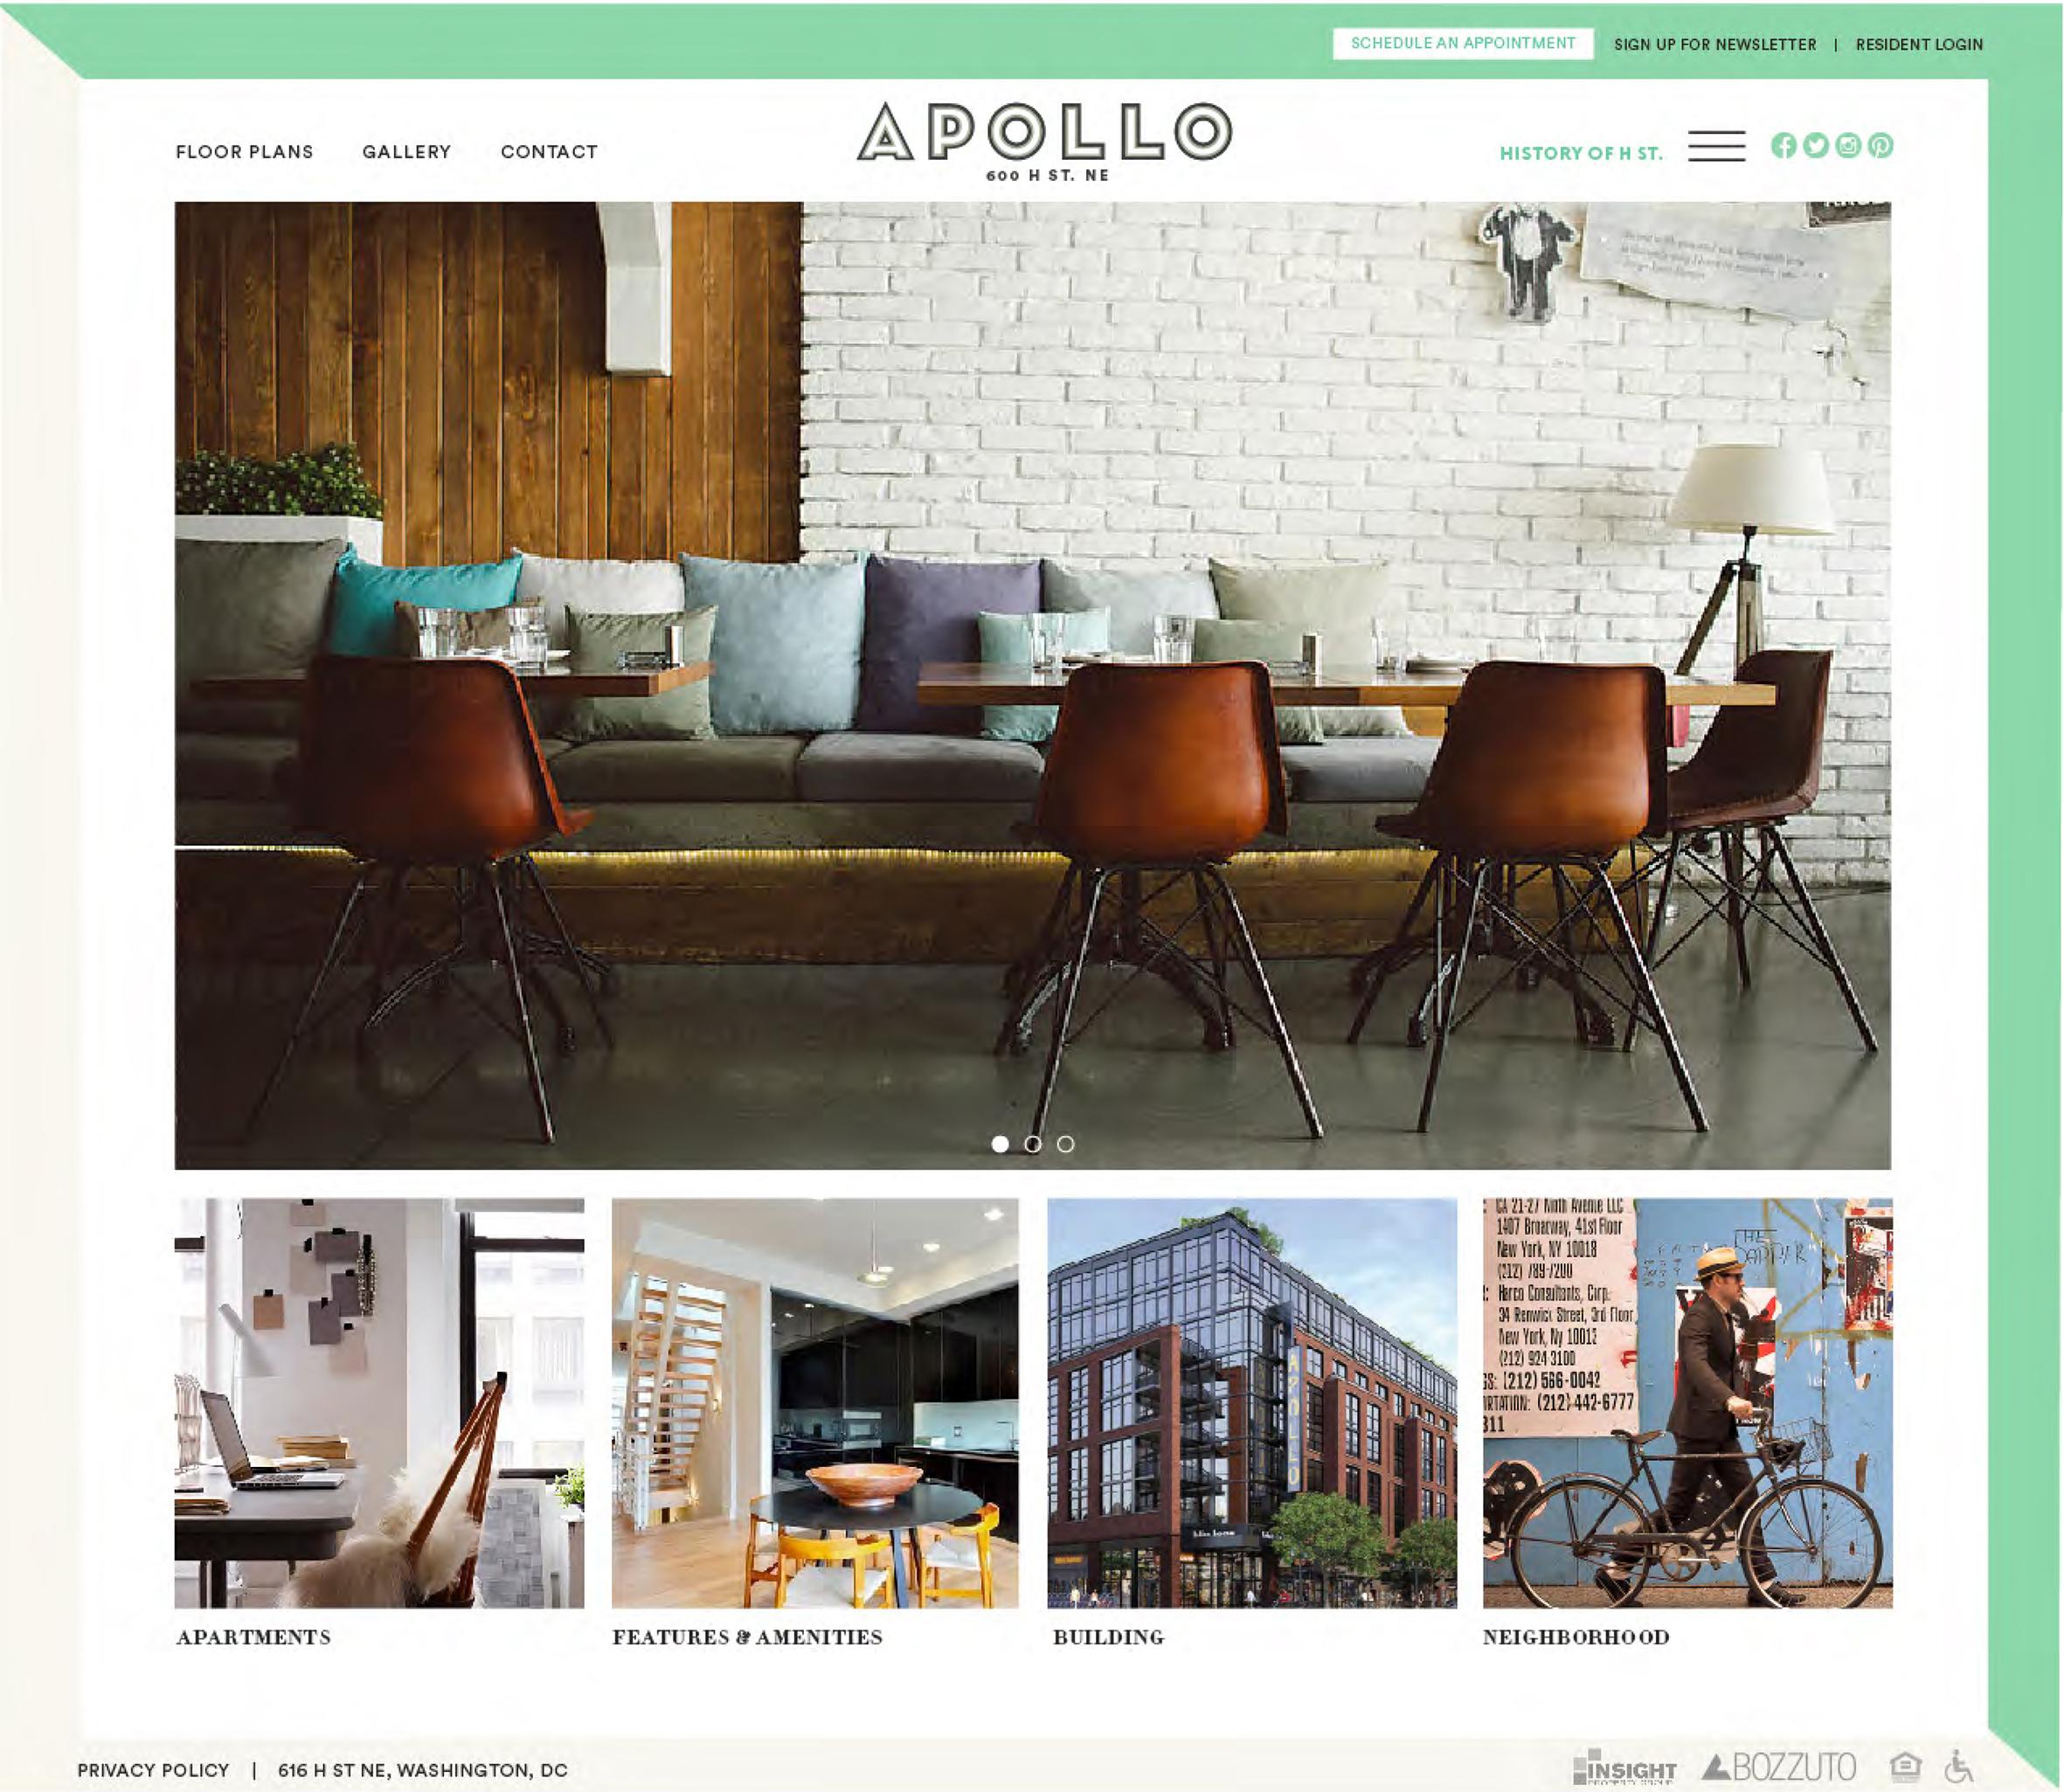 APOLLO-WEBSITE-RD1-7.jpg